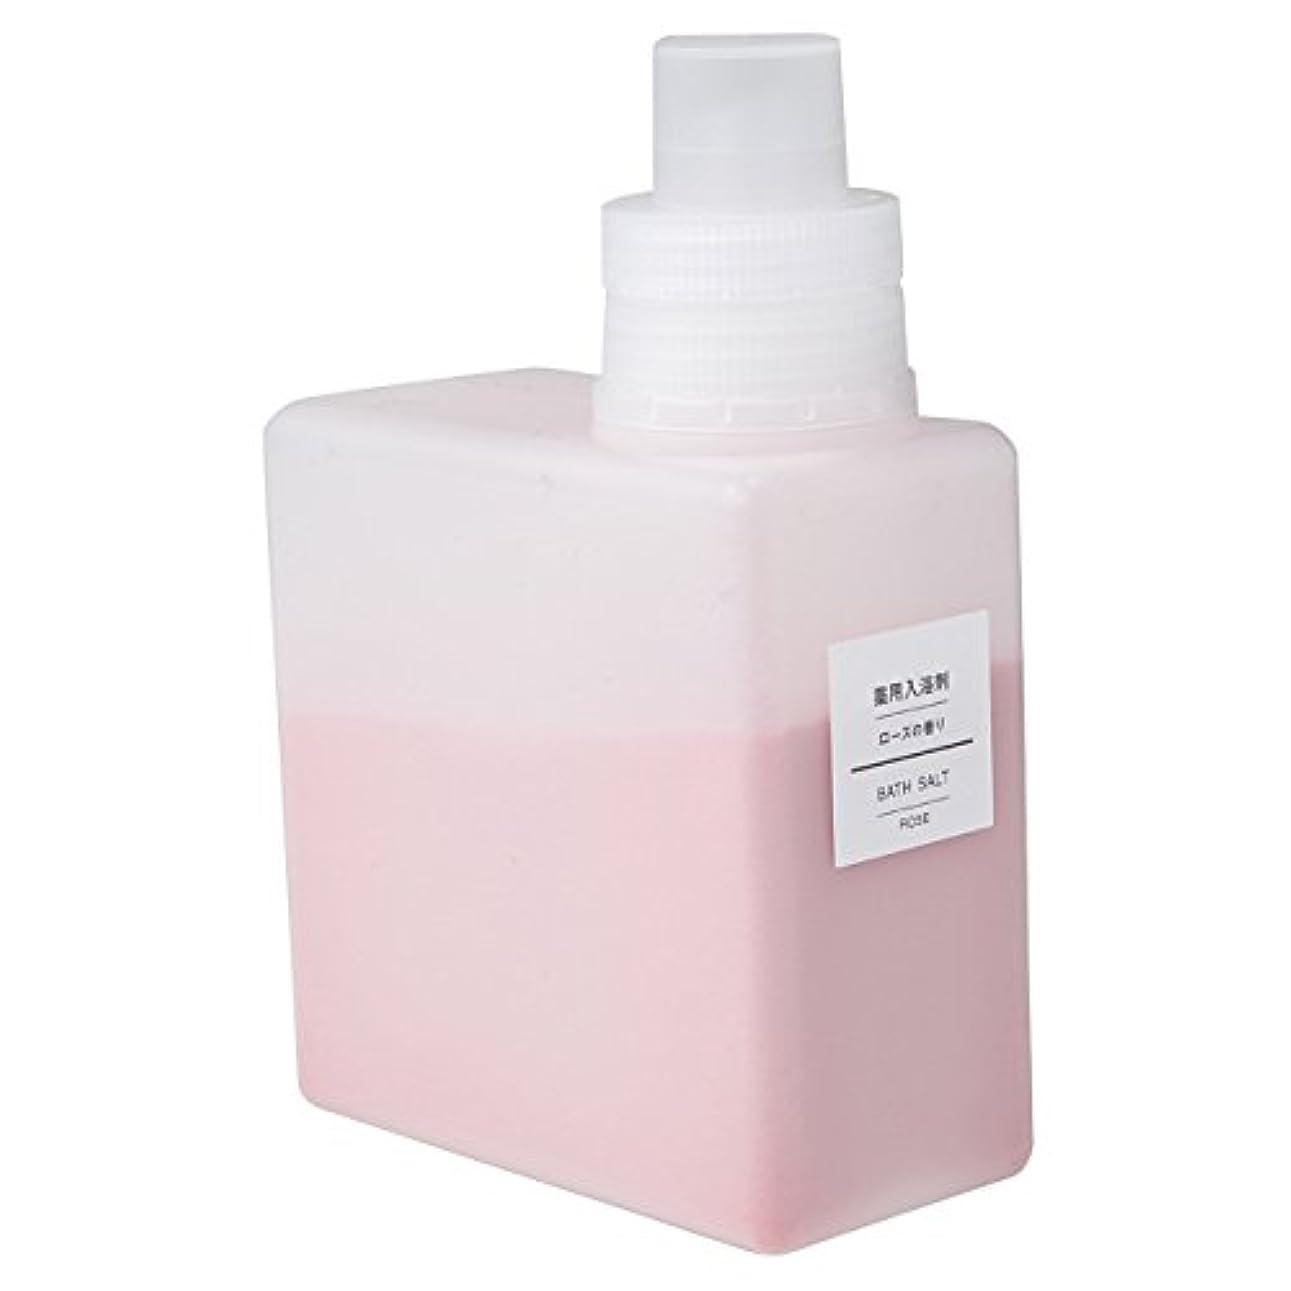 優雅な生息地トランペット無印良品 薬用入浴剤?ローズの香り (新)500g 日本製